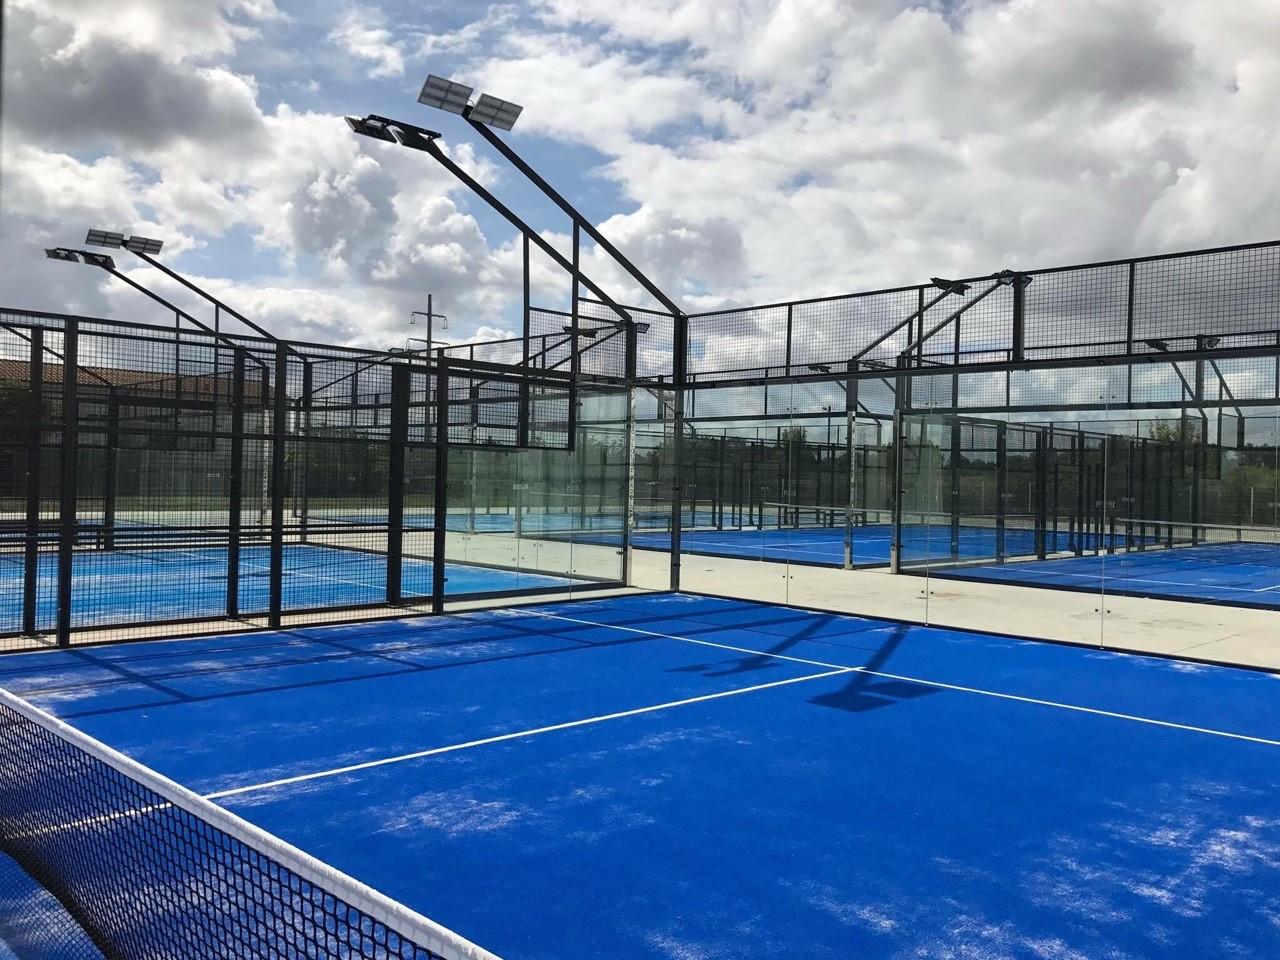 Mantenimiento de pistas de pádel de césped artificial: cómo cuidar su rendimiento deportivo y alargar su vida útil